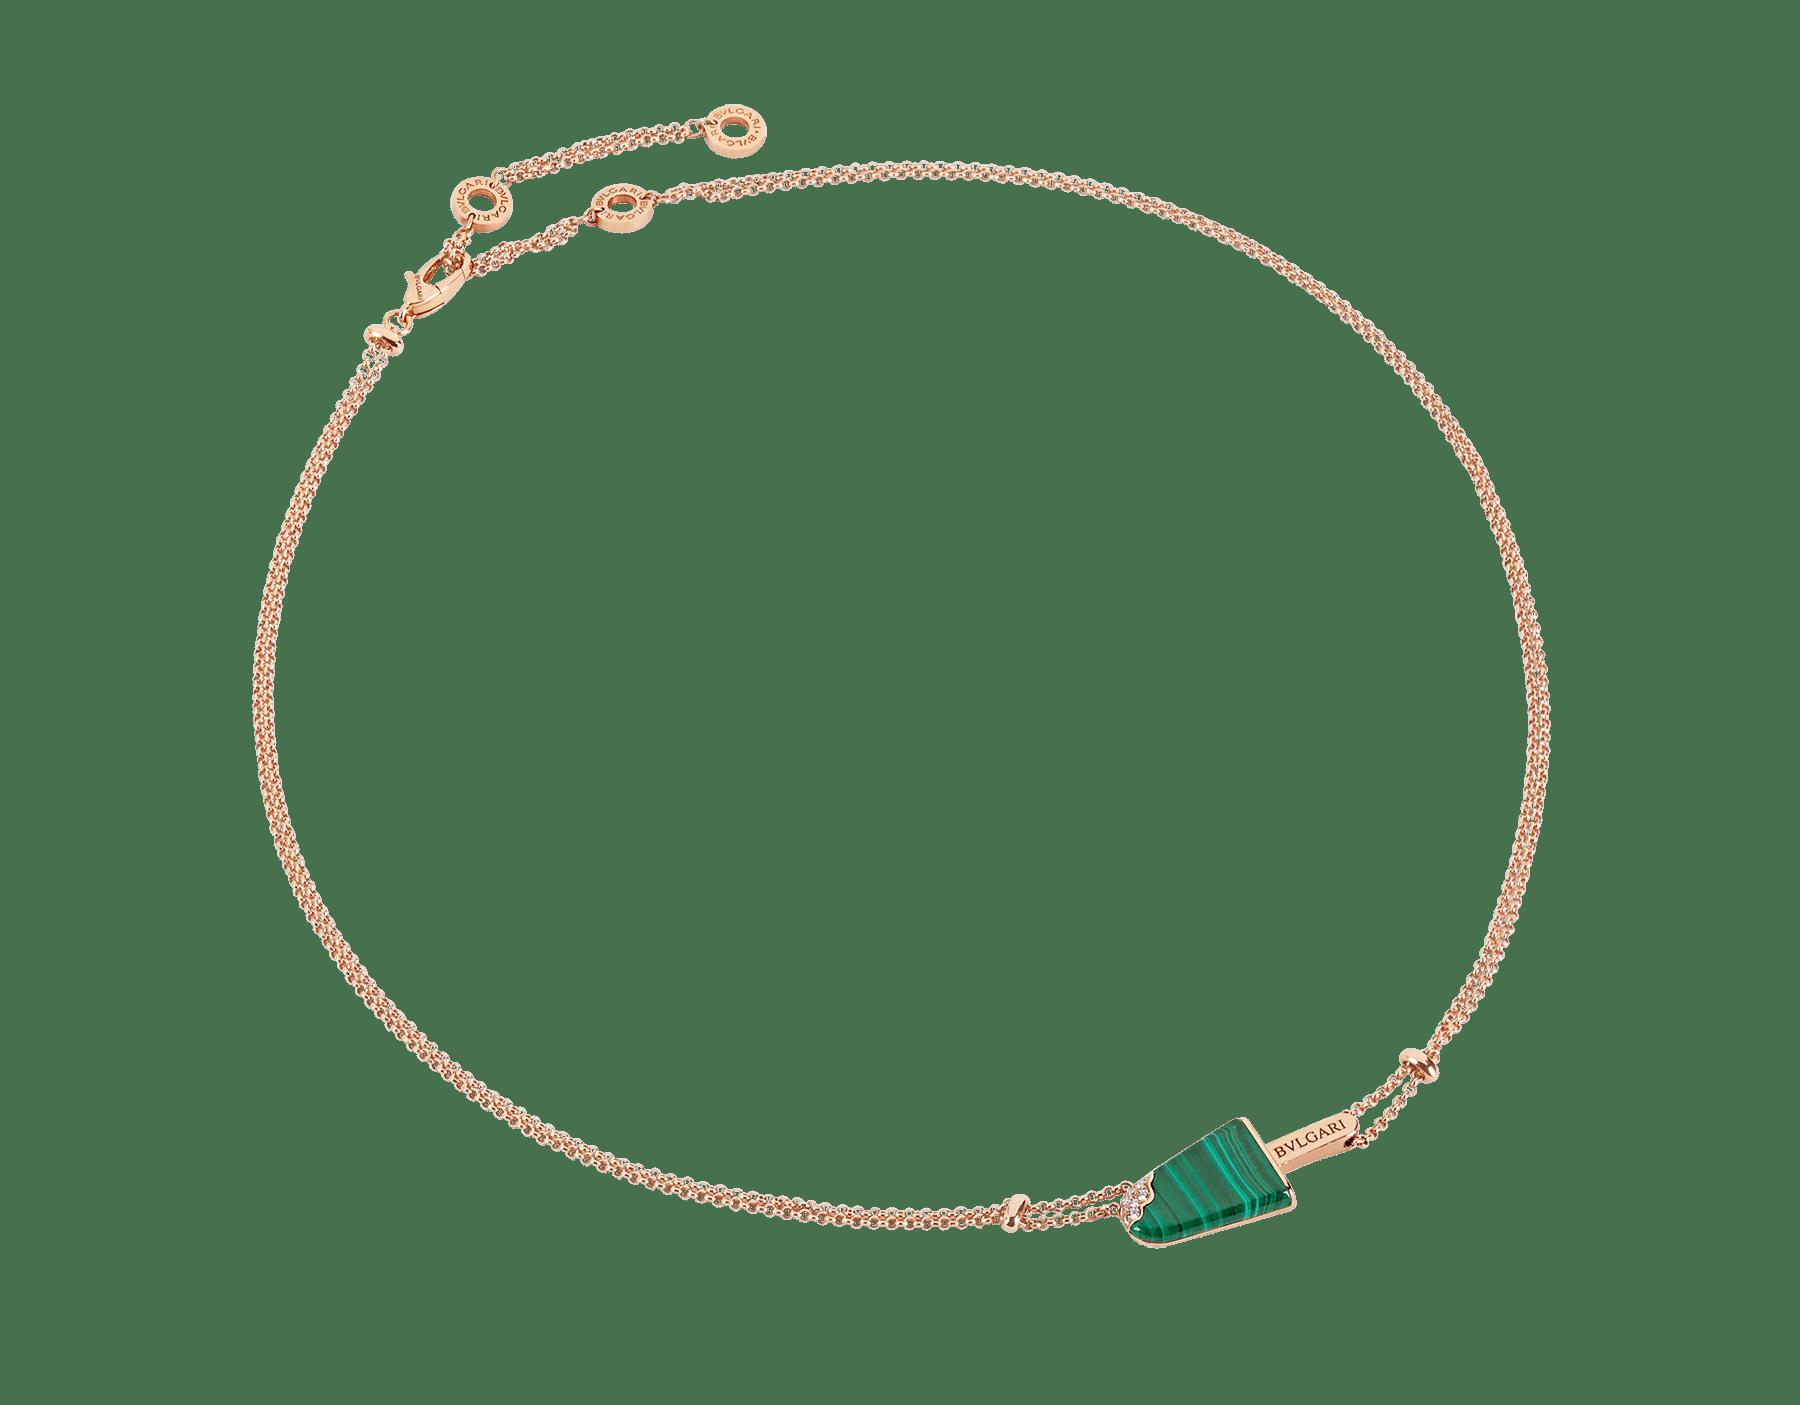 BVLGARI BVLGARI Gelati 18K 玫瑰金項鍊,鑲飾孔雀石和密鑲鑽石。 356186 image 1